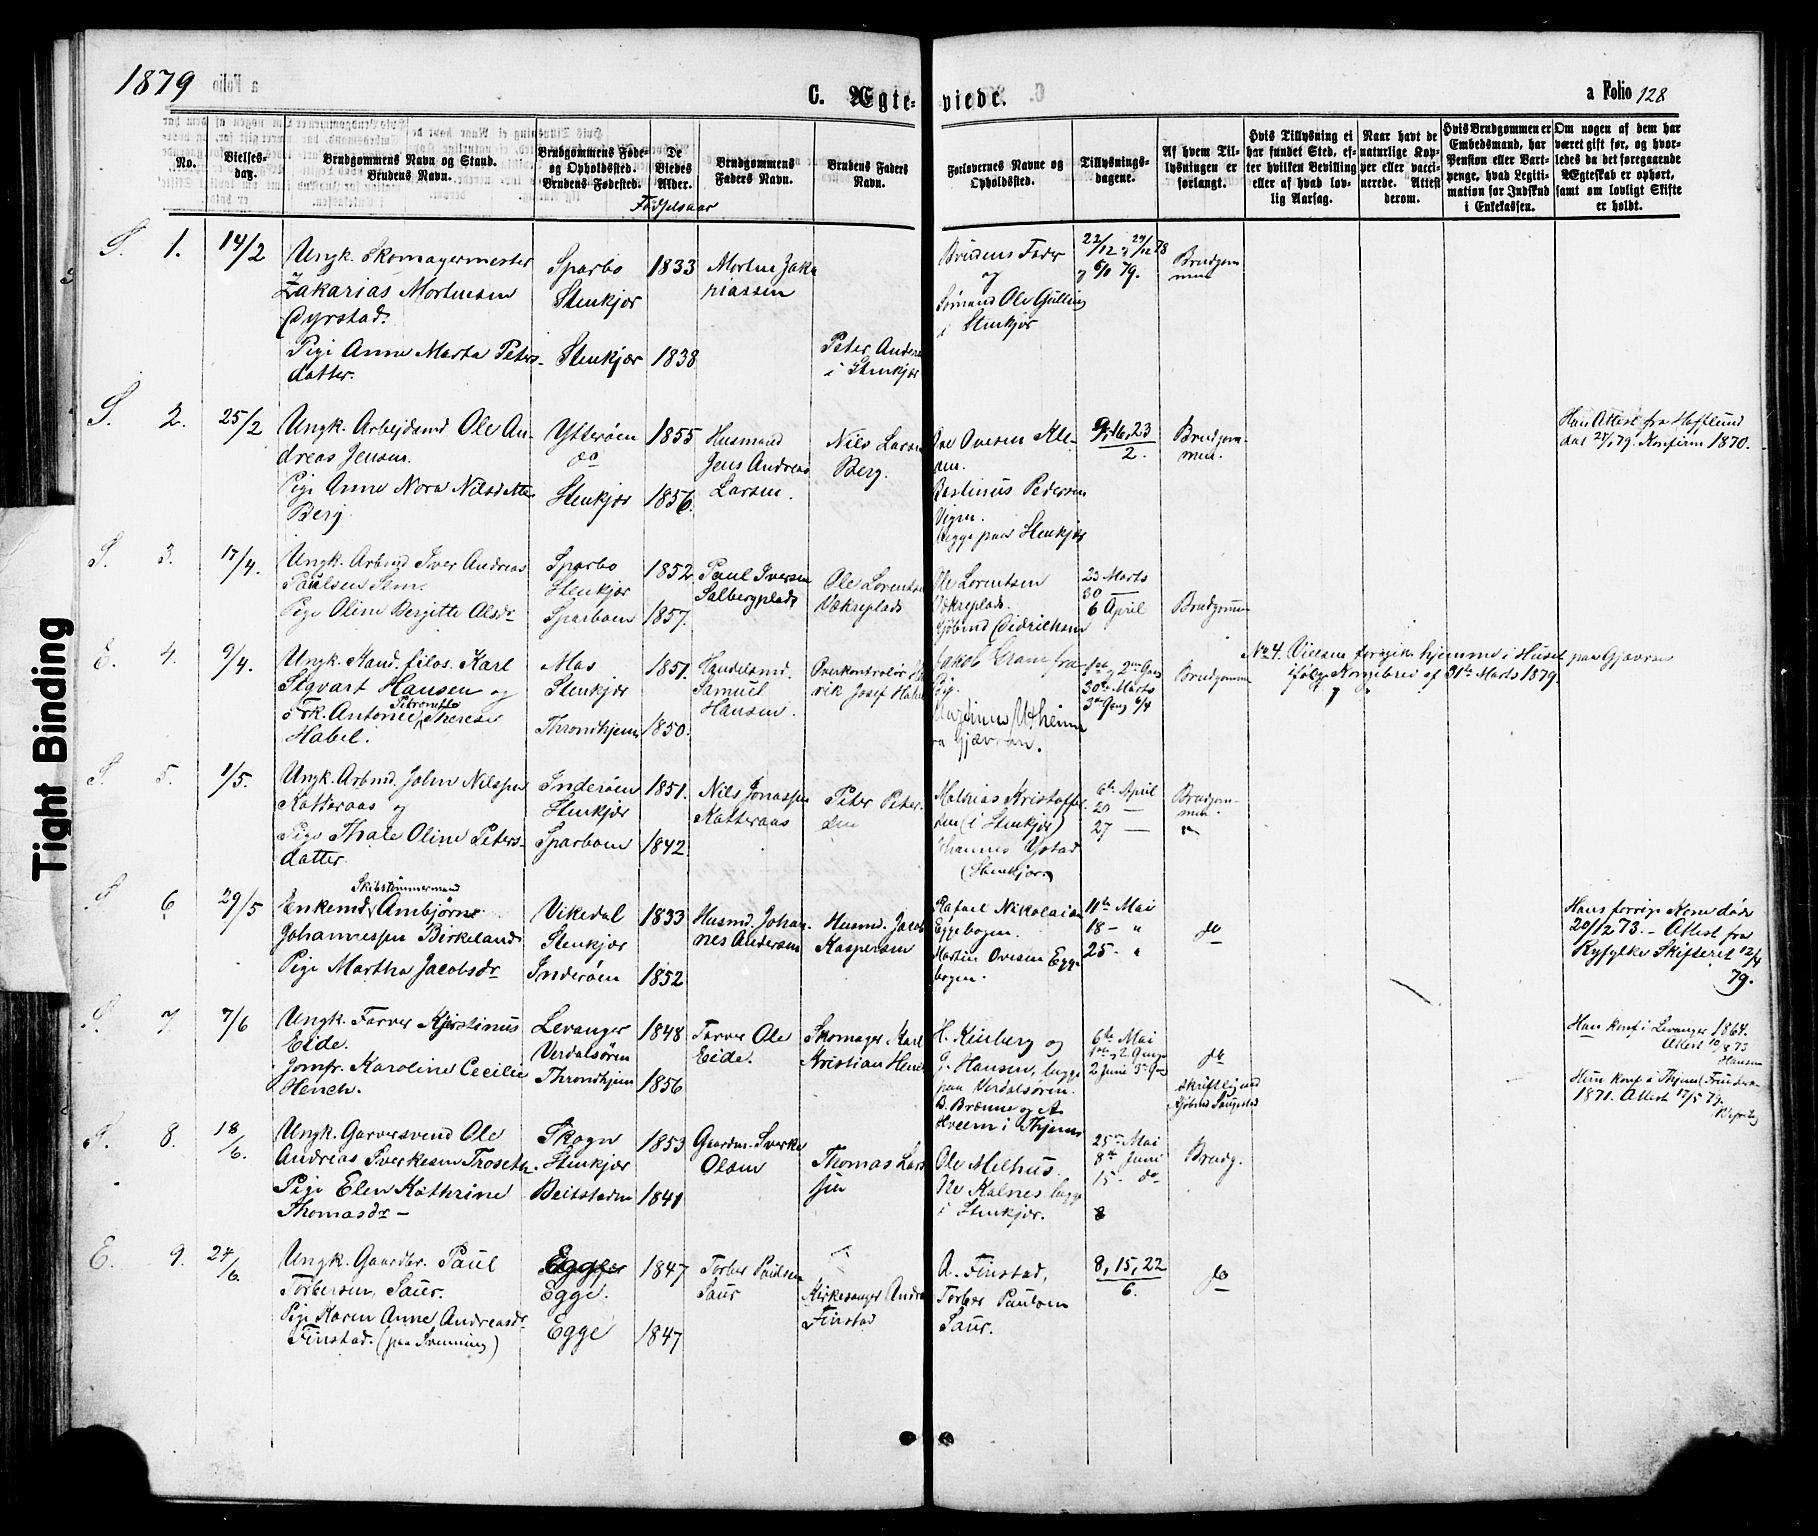 SAT, Ministerialprotokoller, klokkerbøker og fødselsregistre - Nord-Trøndelag, 739/L0370: Ministerialbok nr. 739A02, 1868-1881, s. 128